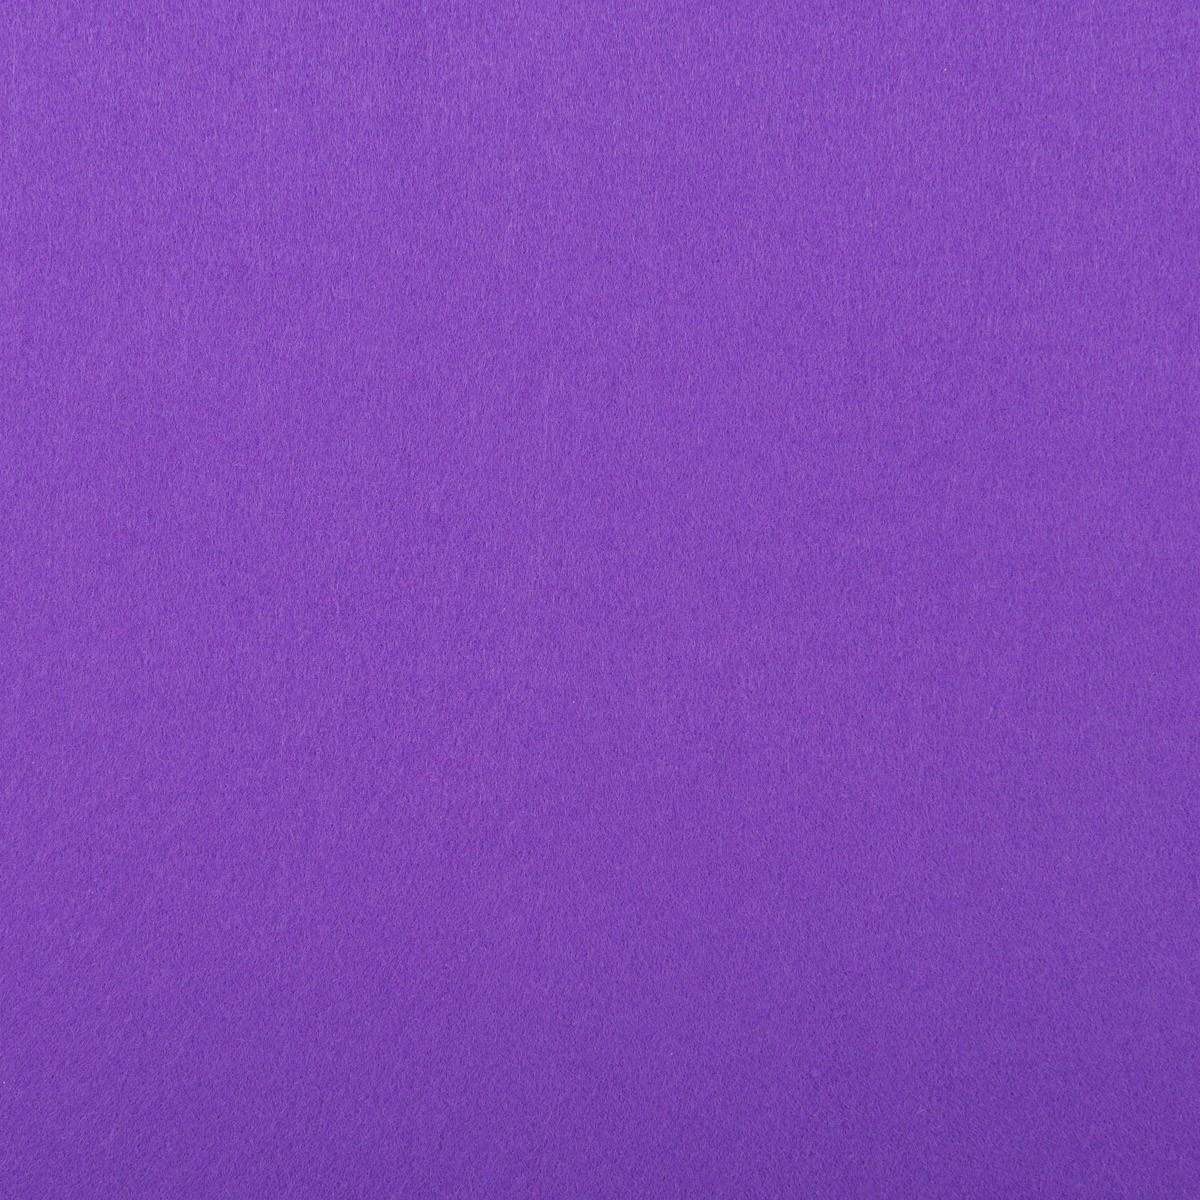 Feutrine violet